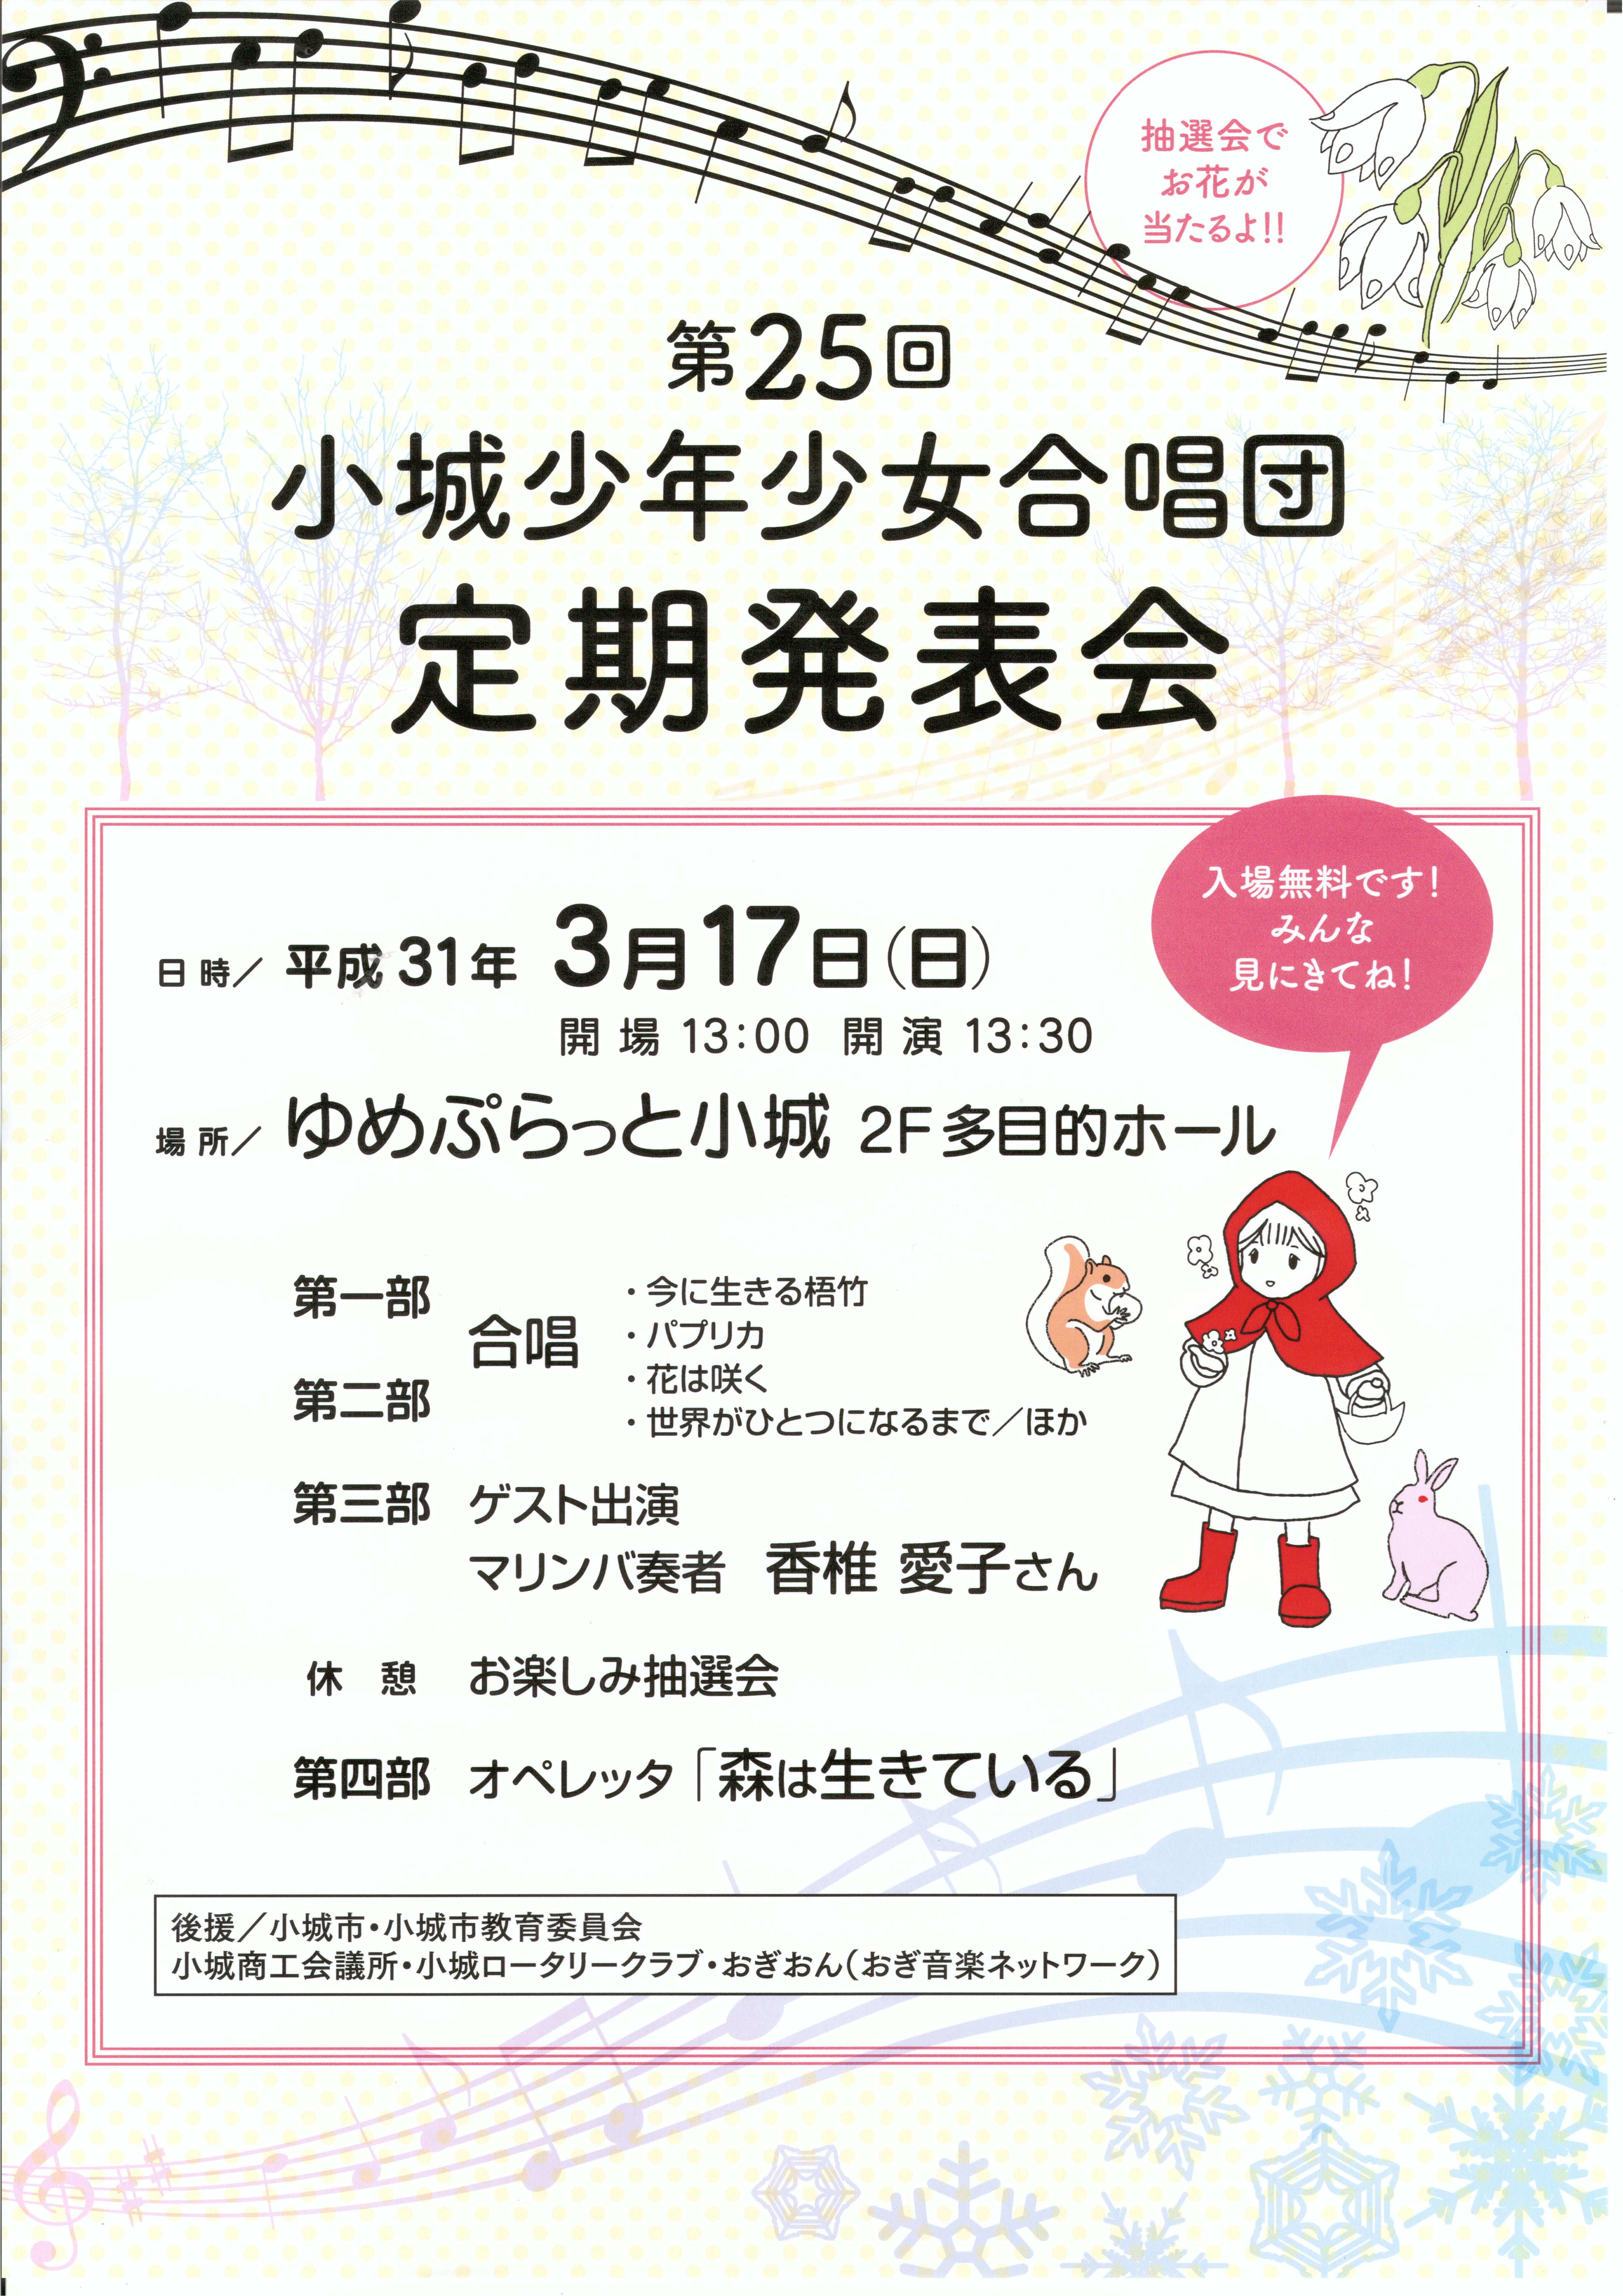 小城少年少女合唱団定期演奏会